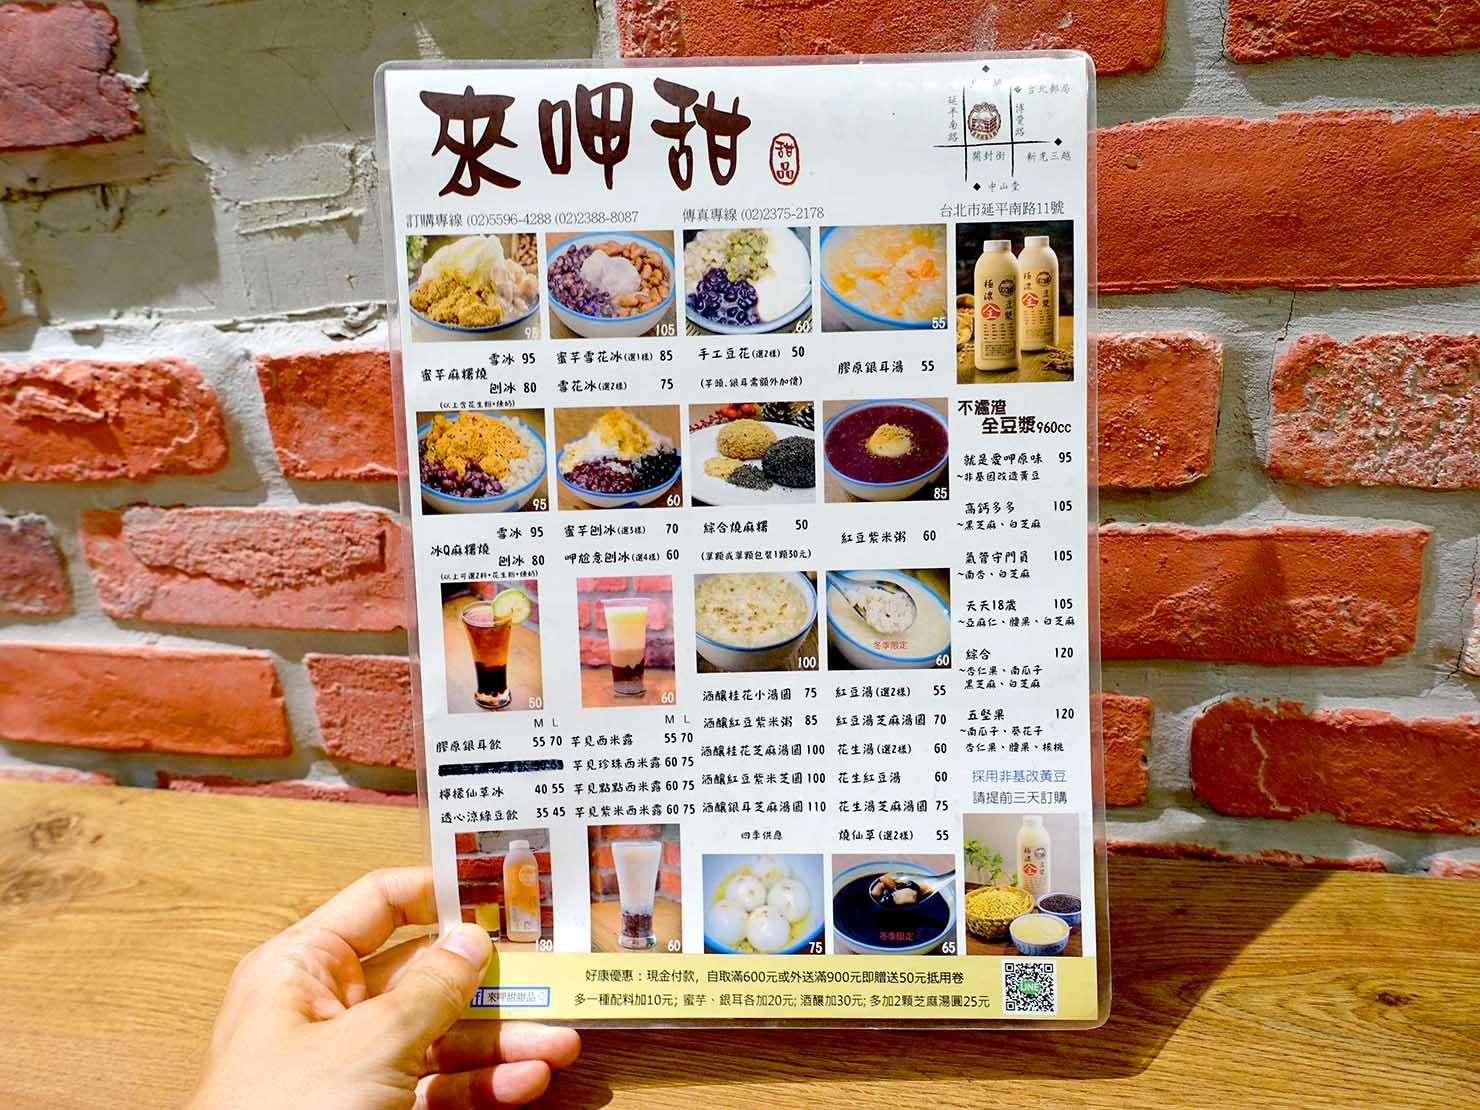 台北・西門町のおすすめデザート店「來呷甜甜品」のメニュー